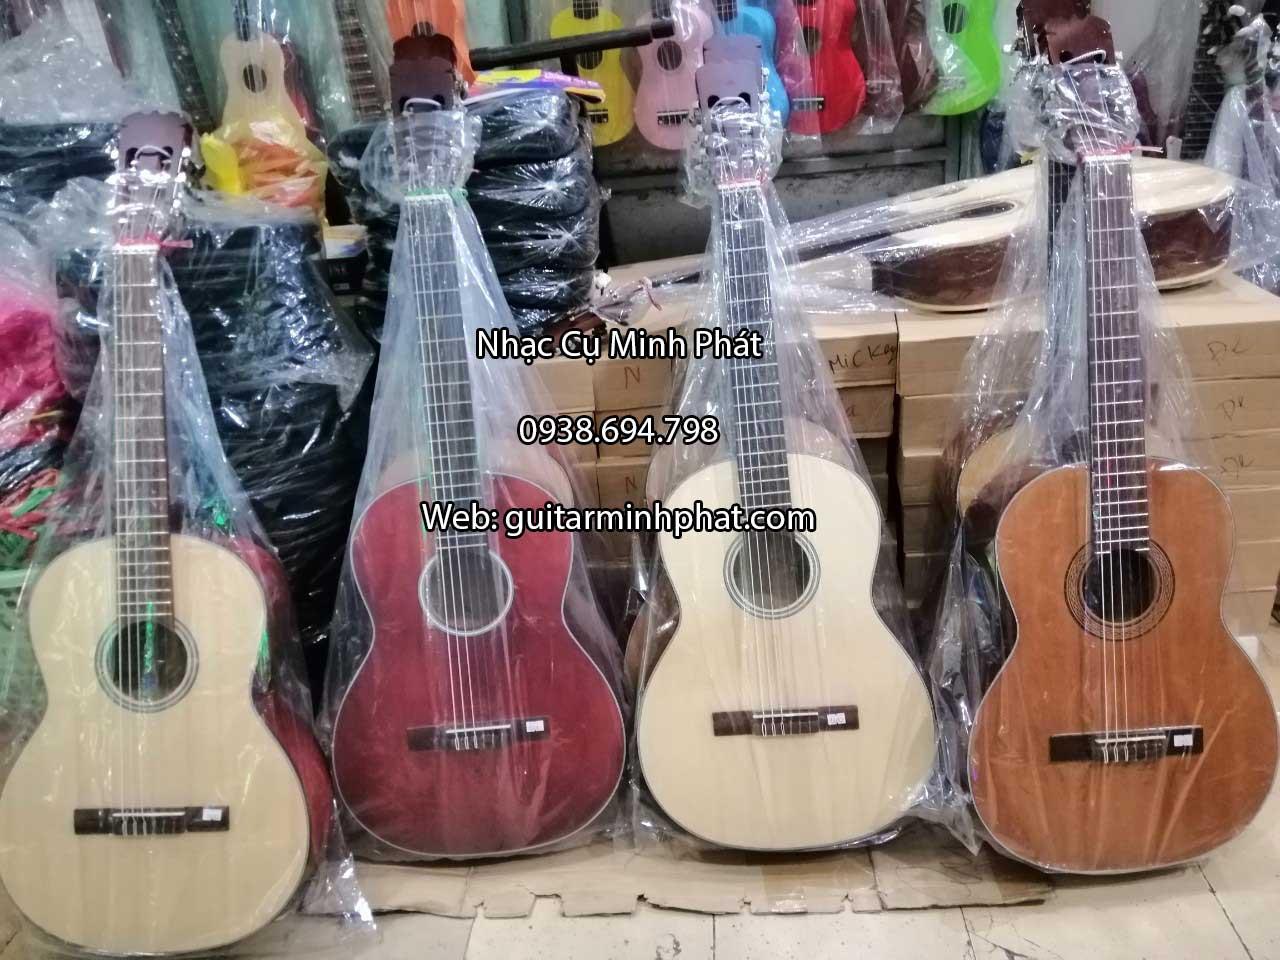 mua-dan-guitar-classic-cho-nguoi-moi-hoc-tphcm